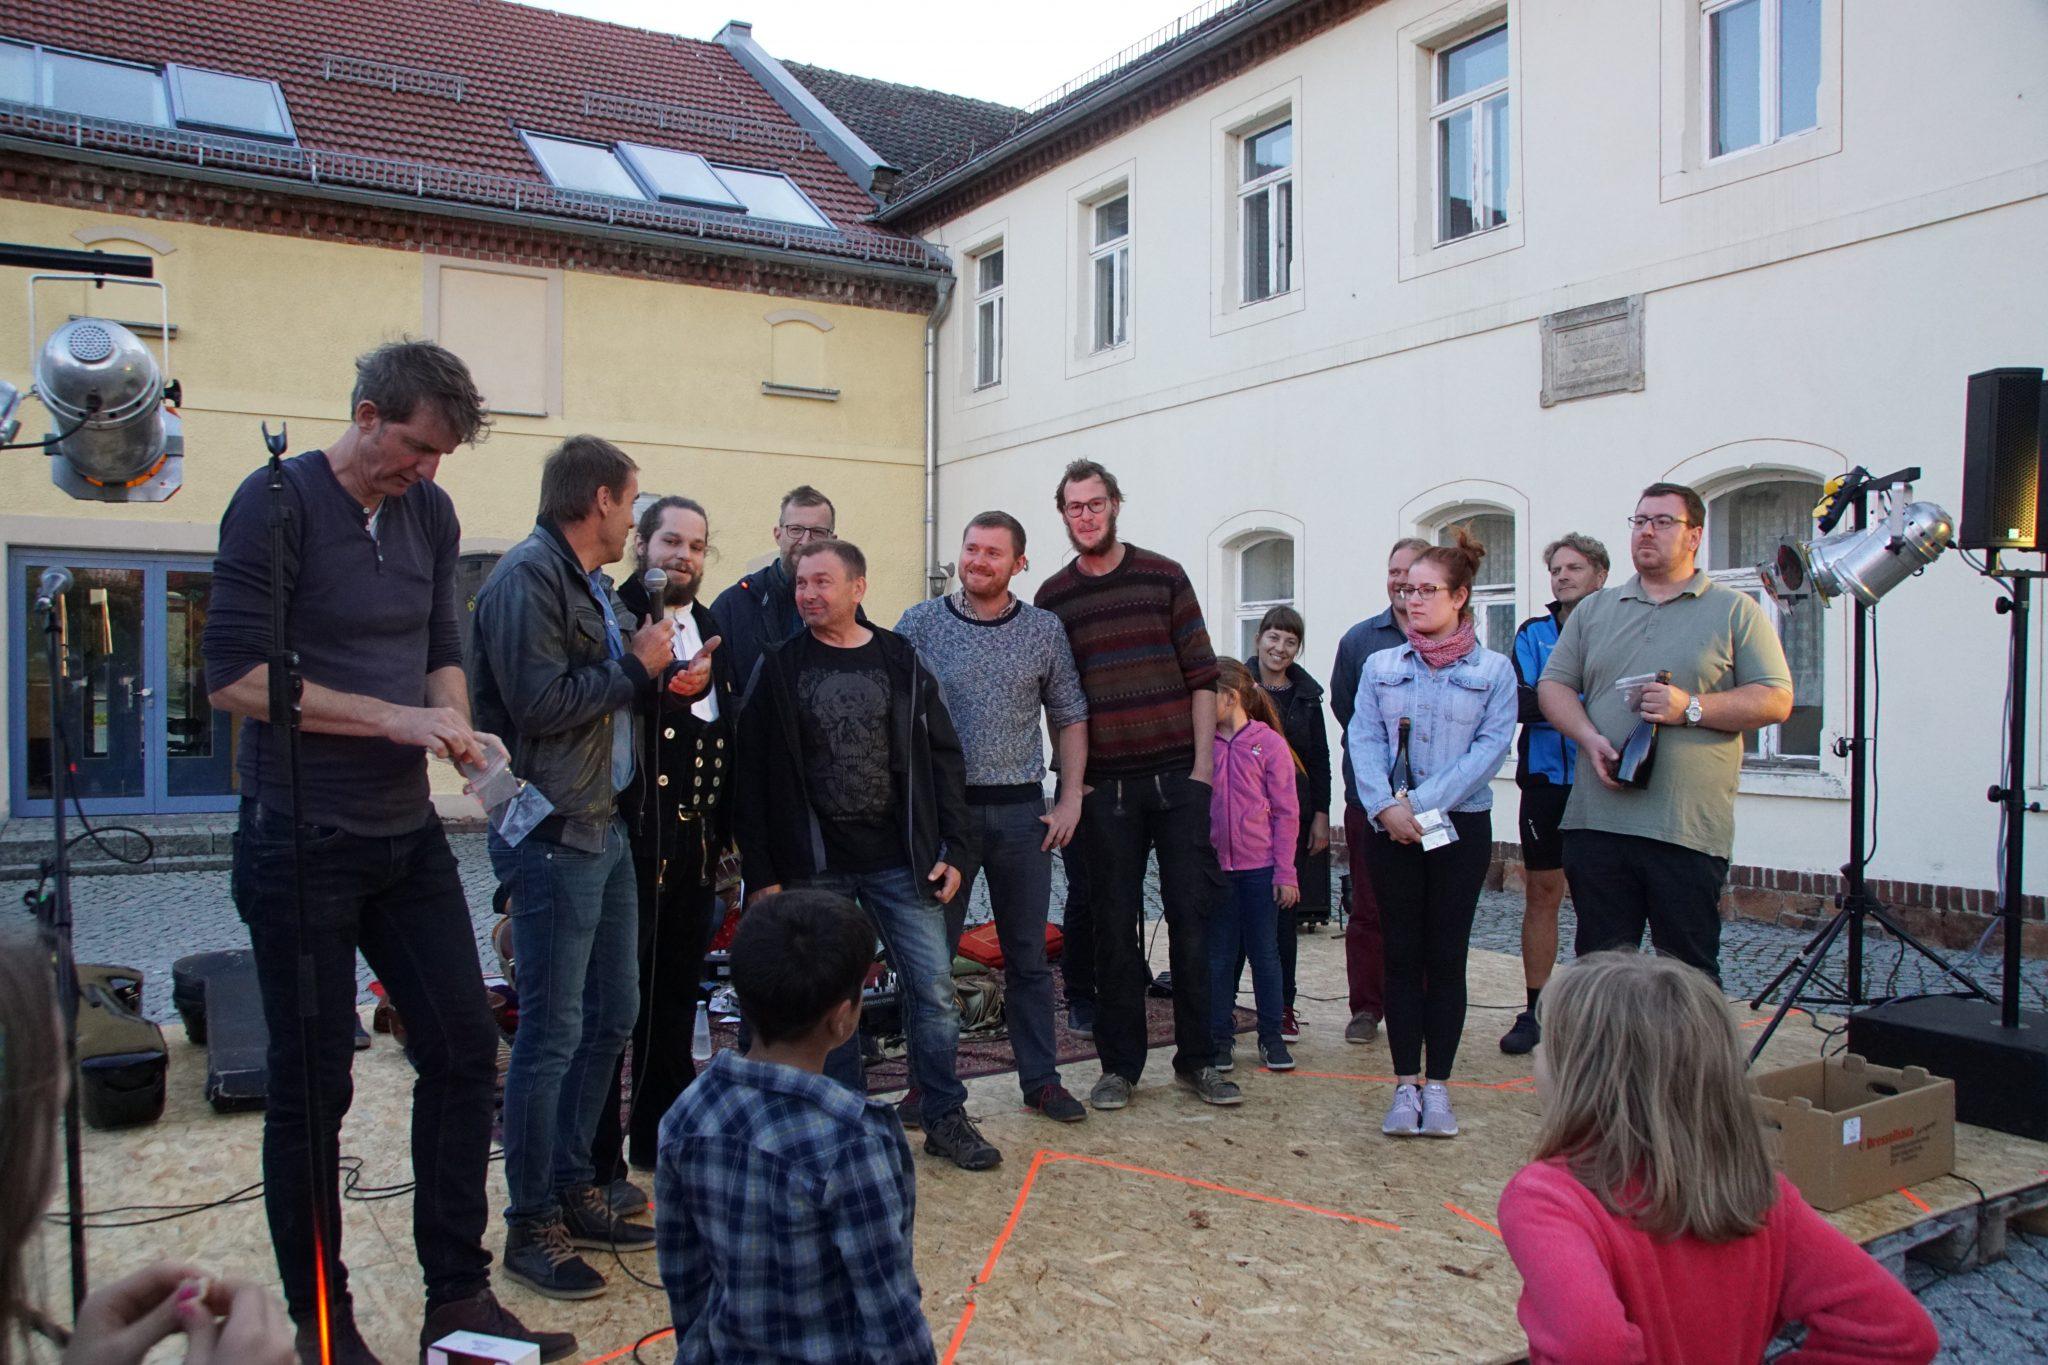 Mahlitzsch und Heynitz: Die Sieger beim Budenbauwettbewerb